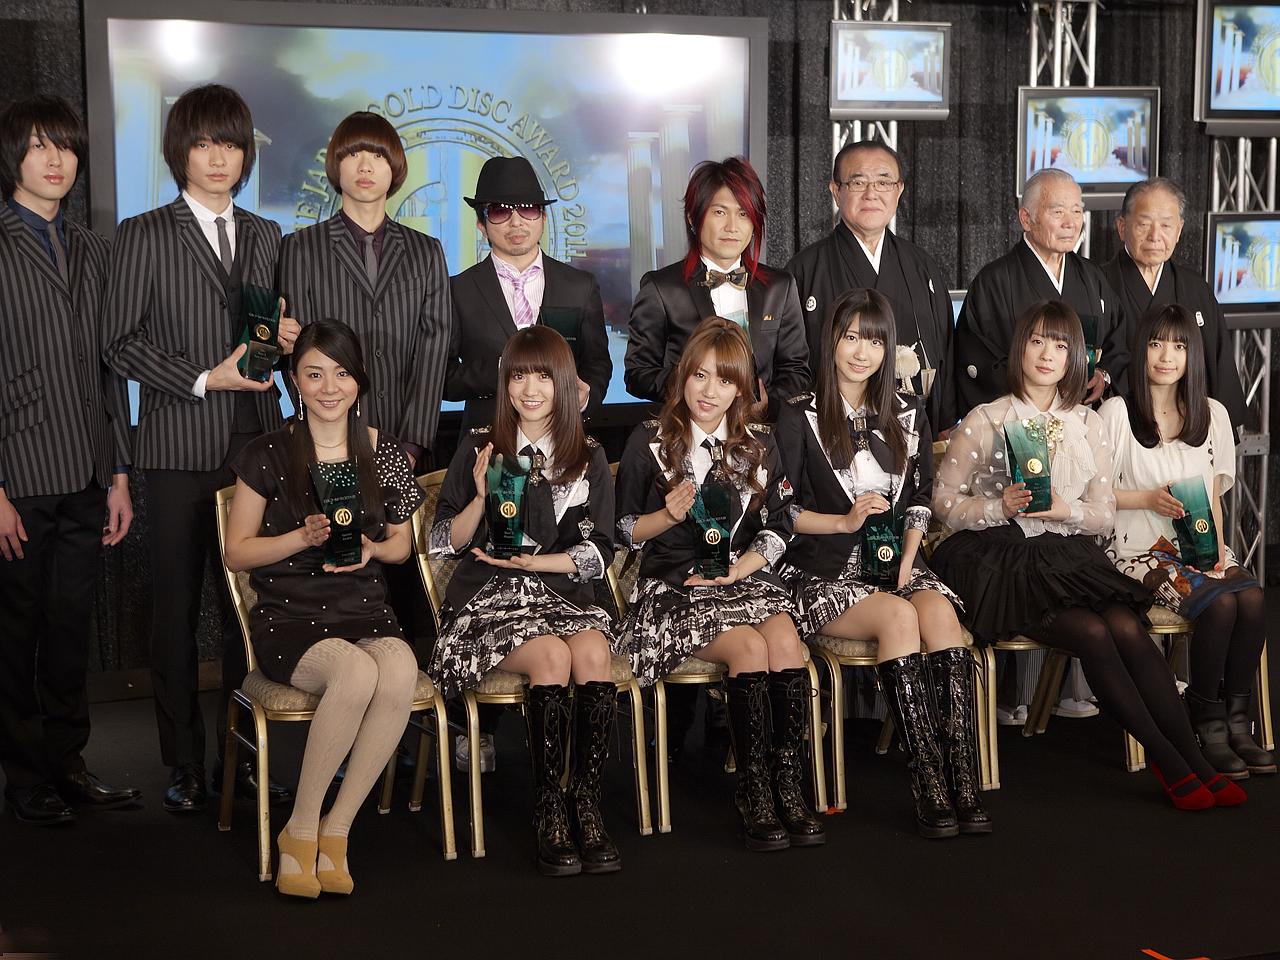 第25回日本ゴールドディスク大賞の受賞者